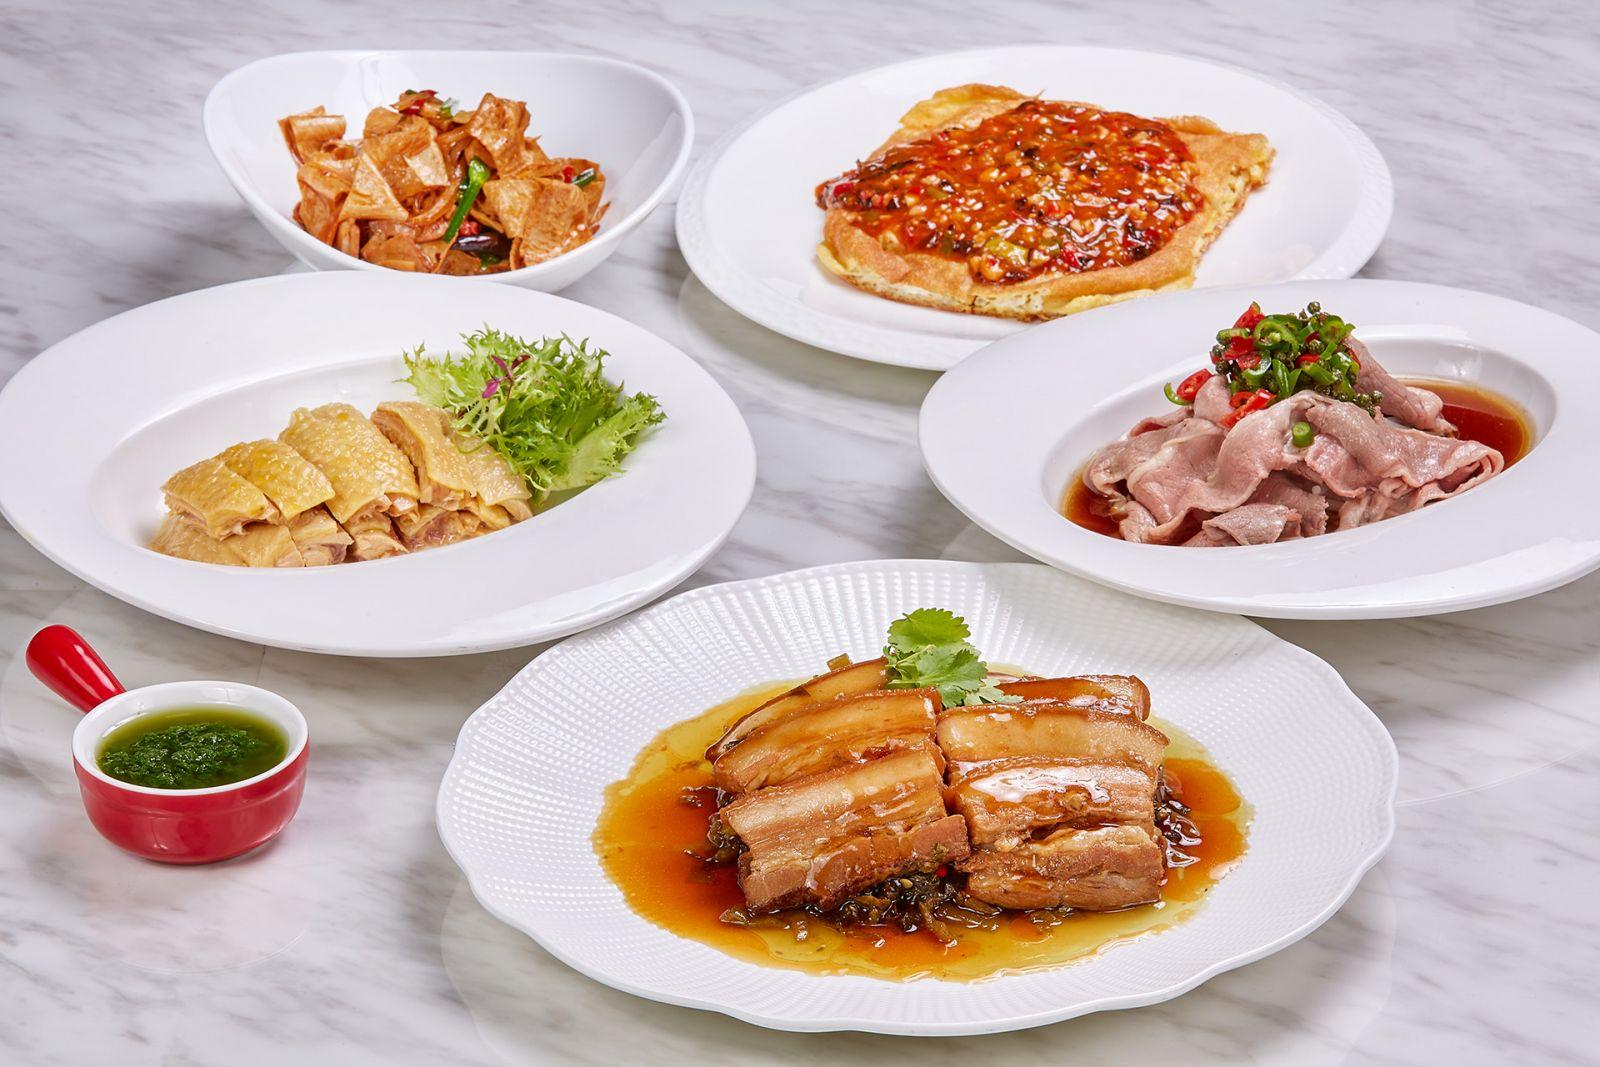 【外帶美食2.0新菜色】川菜廳、粵菜廳推出1,600元四人套餐 小資價享用五星饗宴